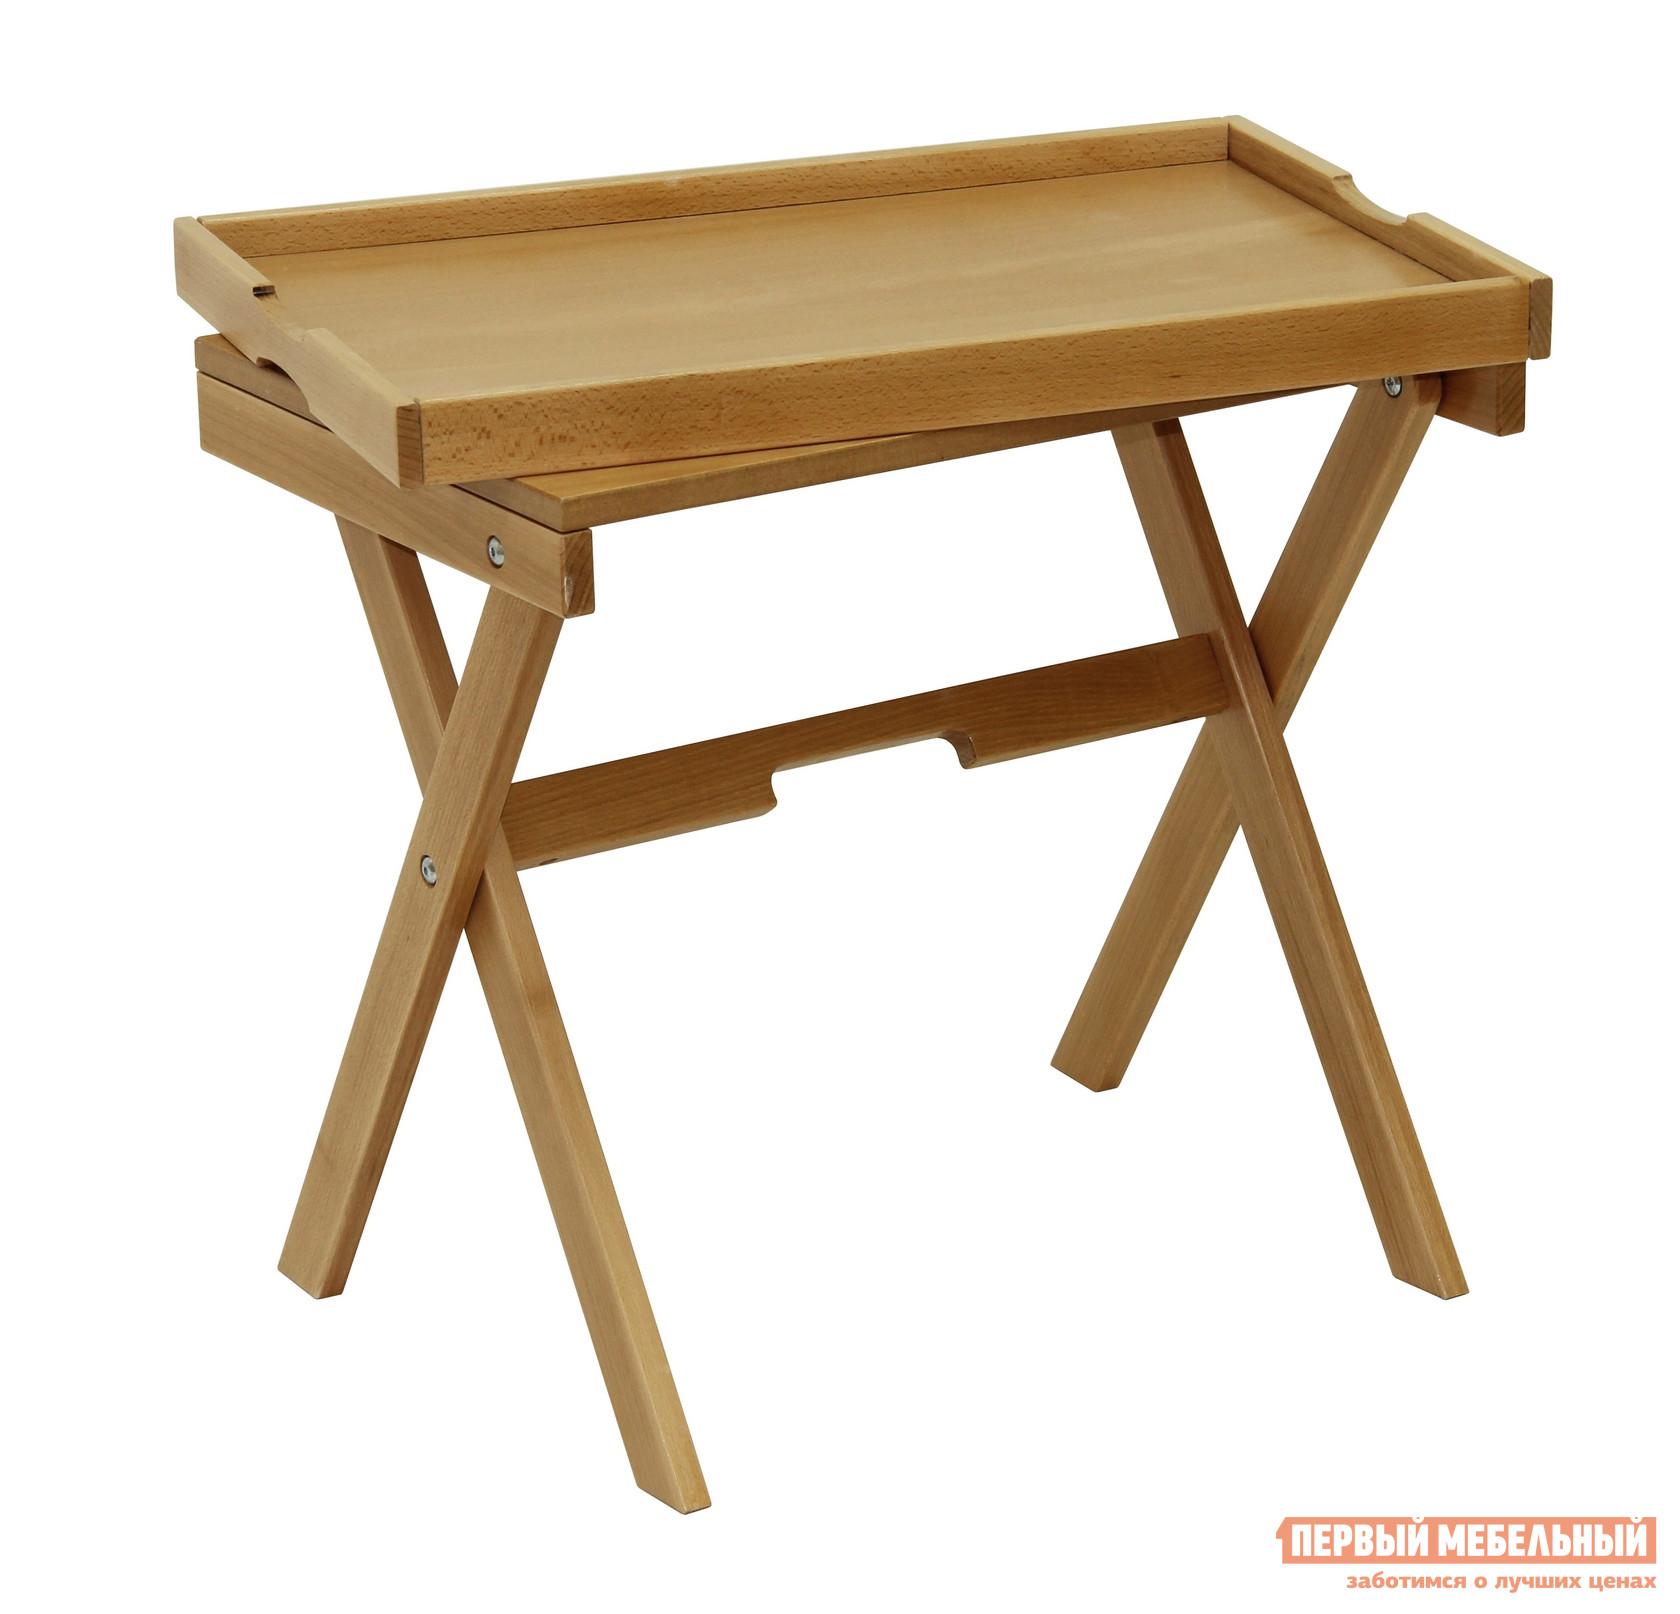 Складной журнальный столик Мебелик Флэш